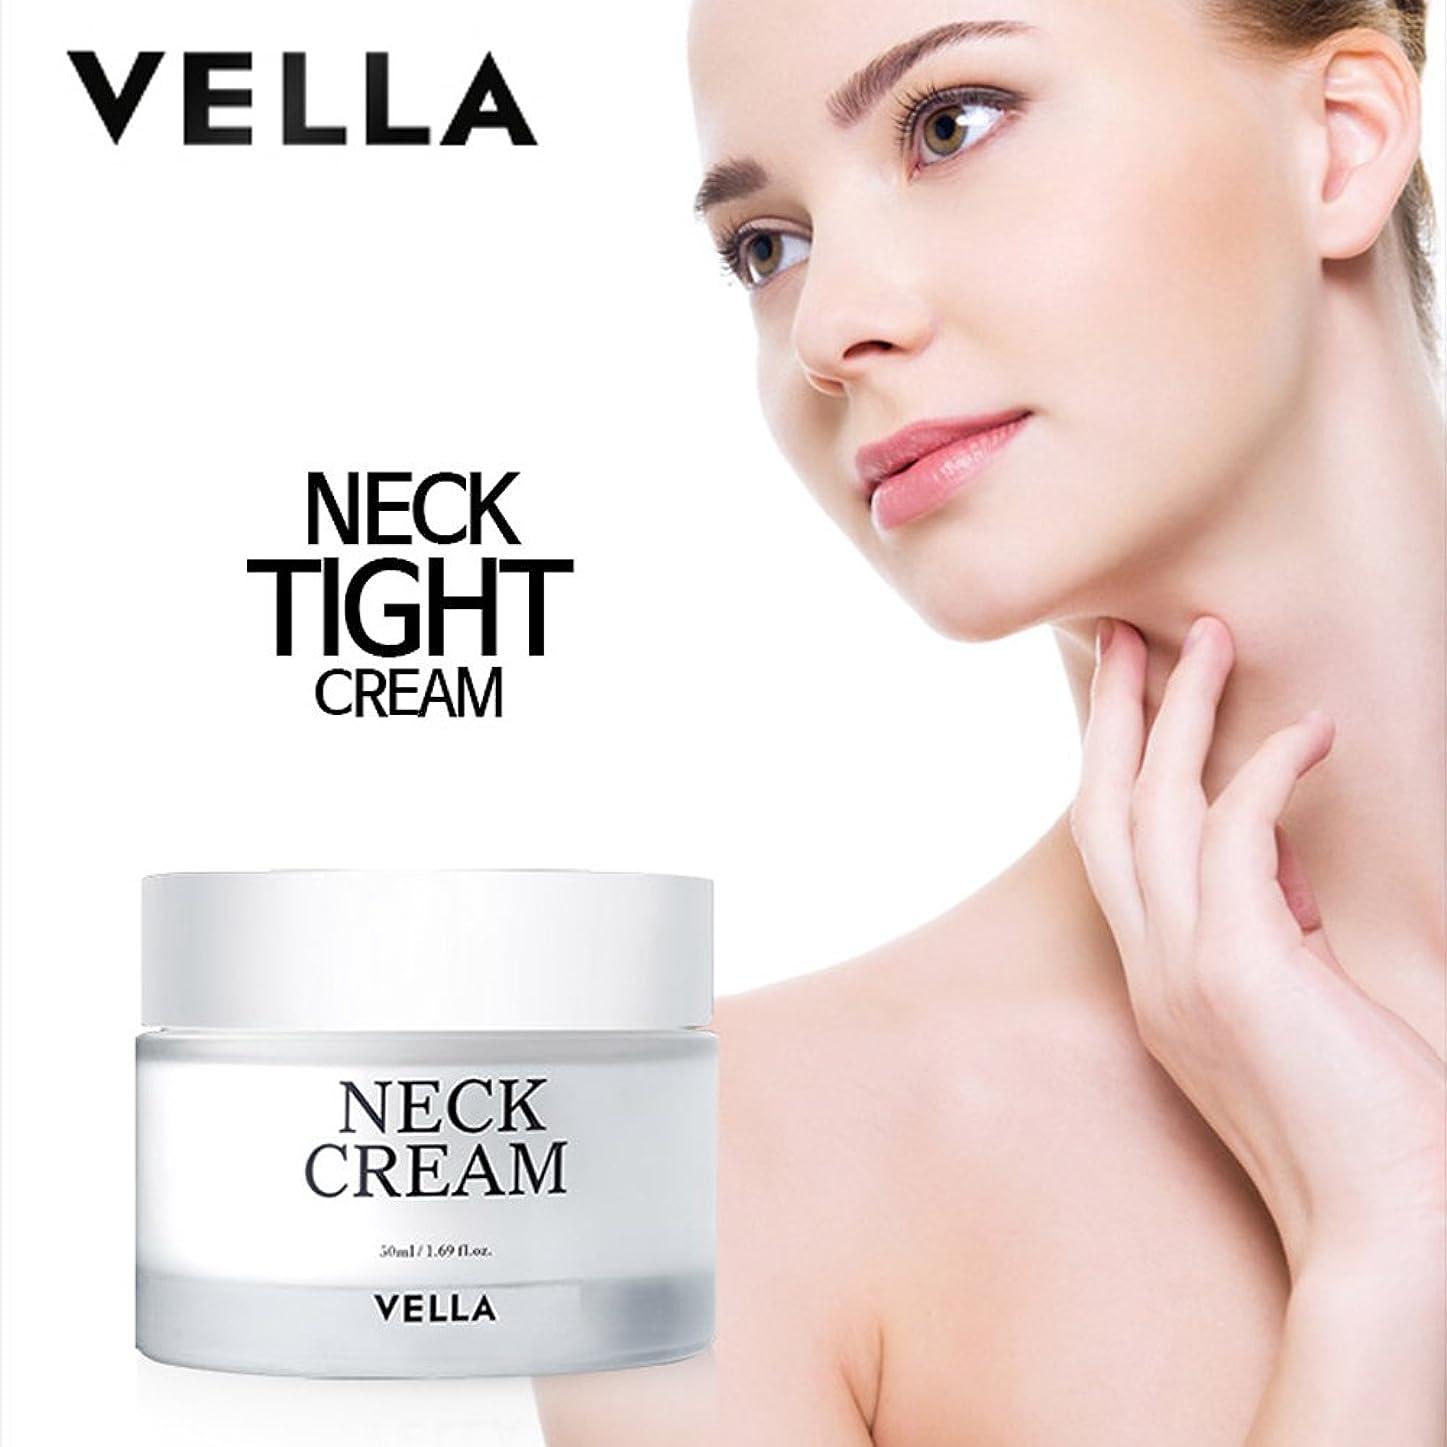 眩惑する文字通り令状VELLA Anti Wrinkle & Whitening Strong Neck Cream(体がキレイvella首専用のクリーム) 50ml [並行輸入品]